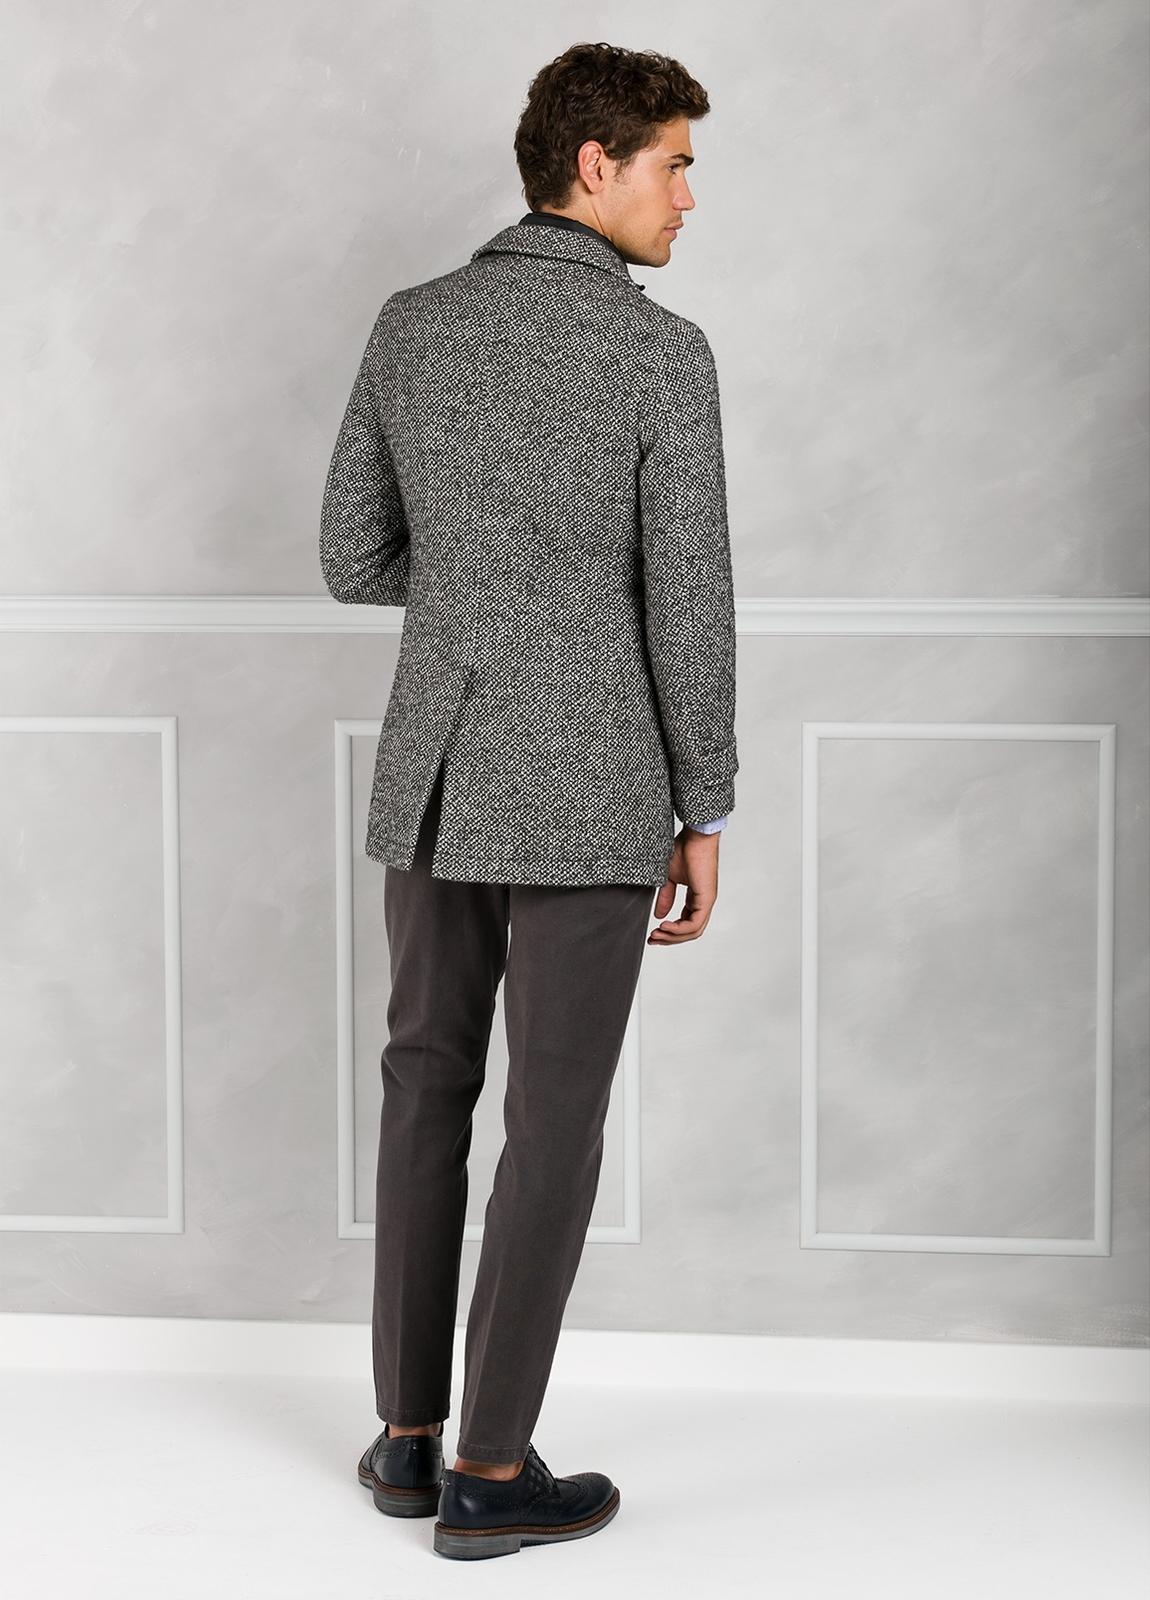 Abrigo jaspeado color gris con pecherín interior. Lana, alpaca y otras fibras. - Ítem3